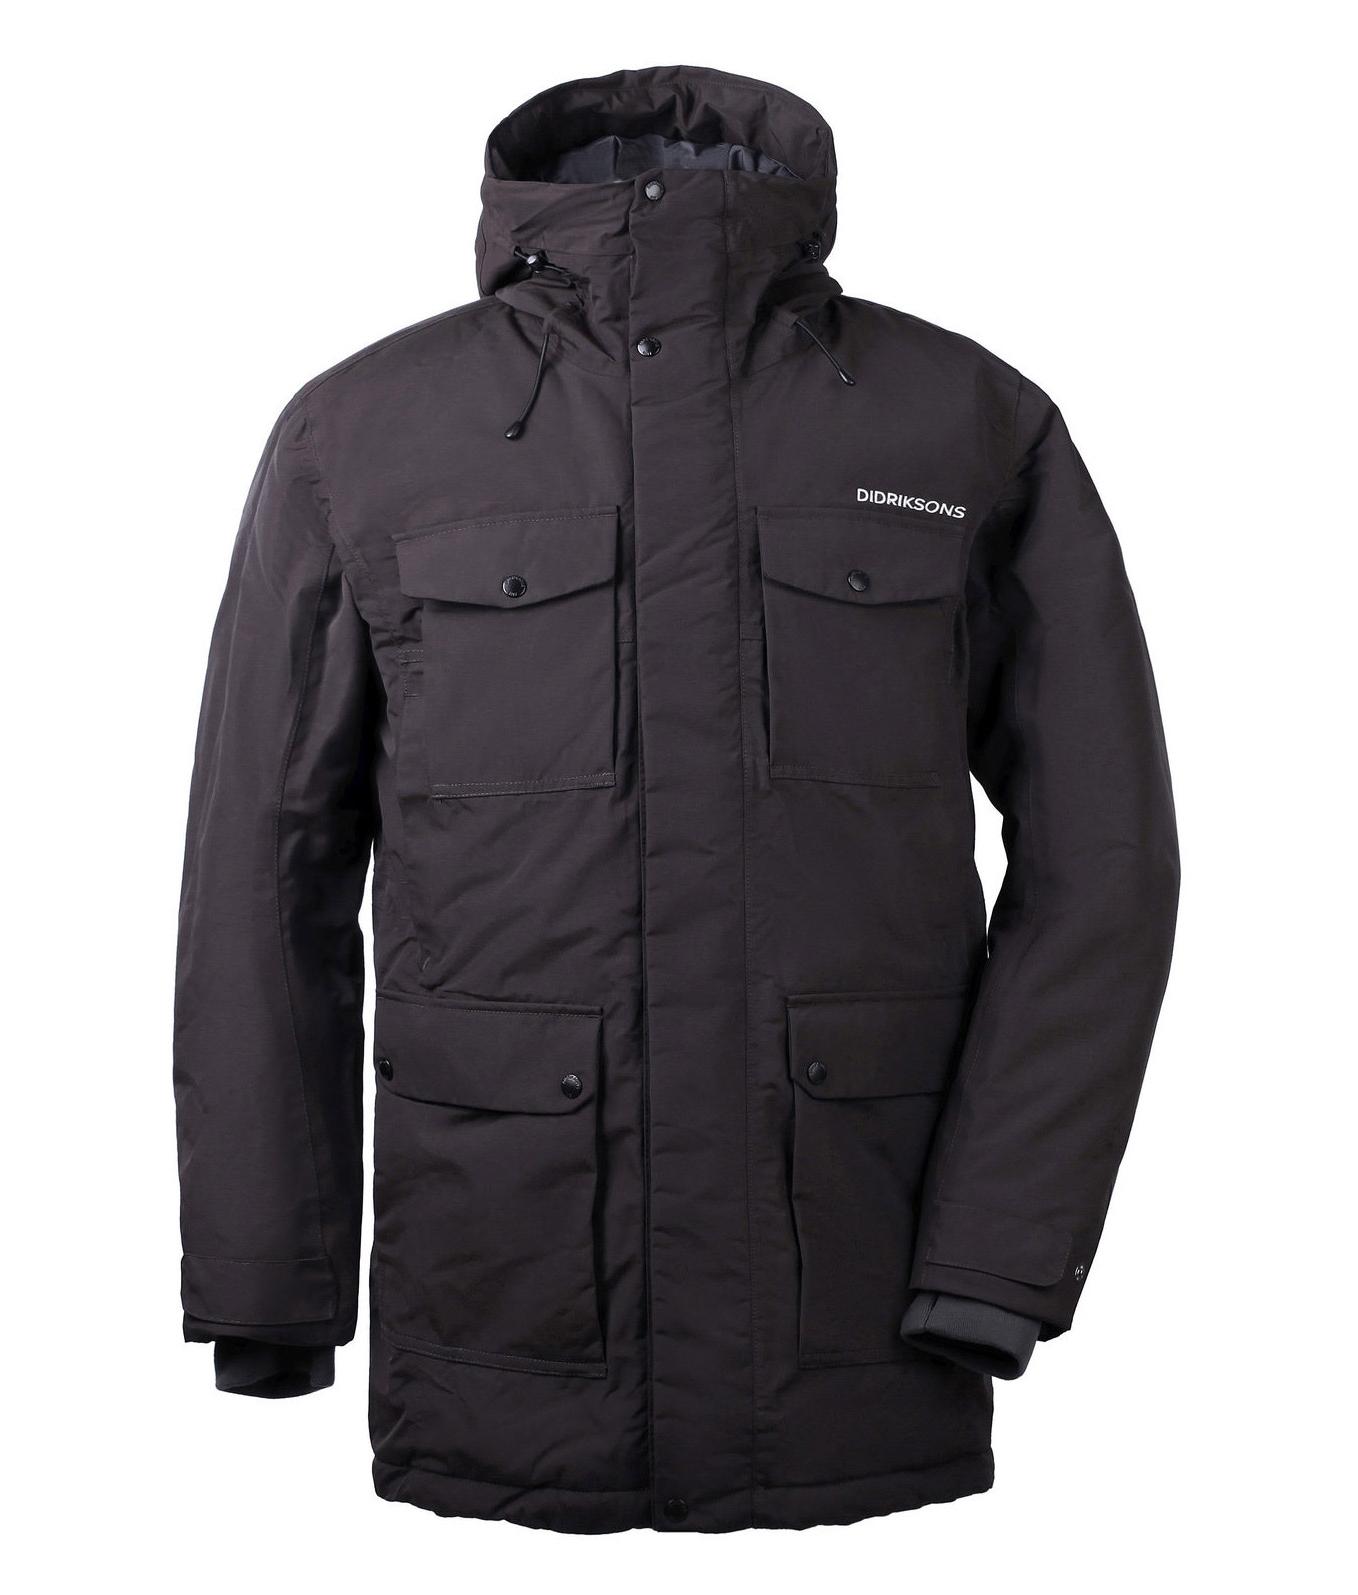 Куртка мужская DREW Didriksons — фото 6